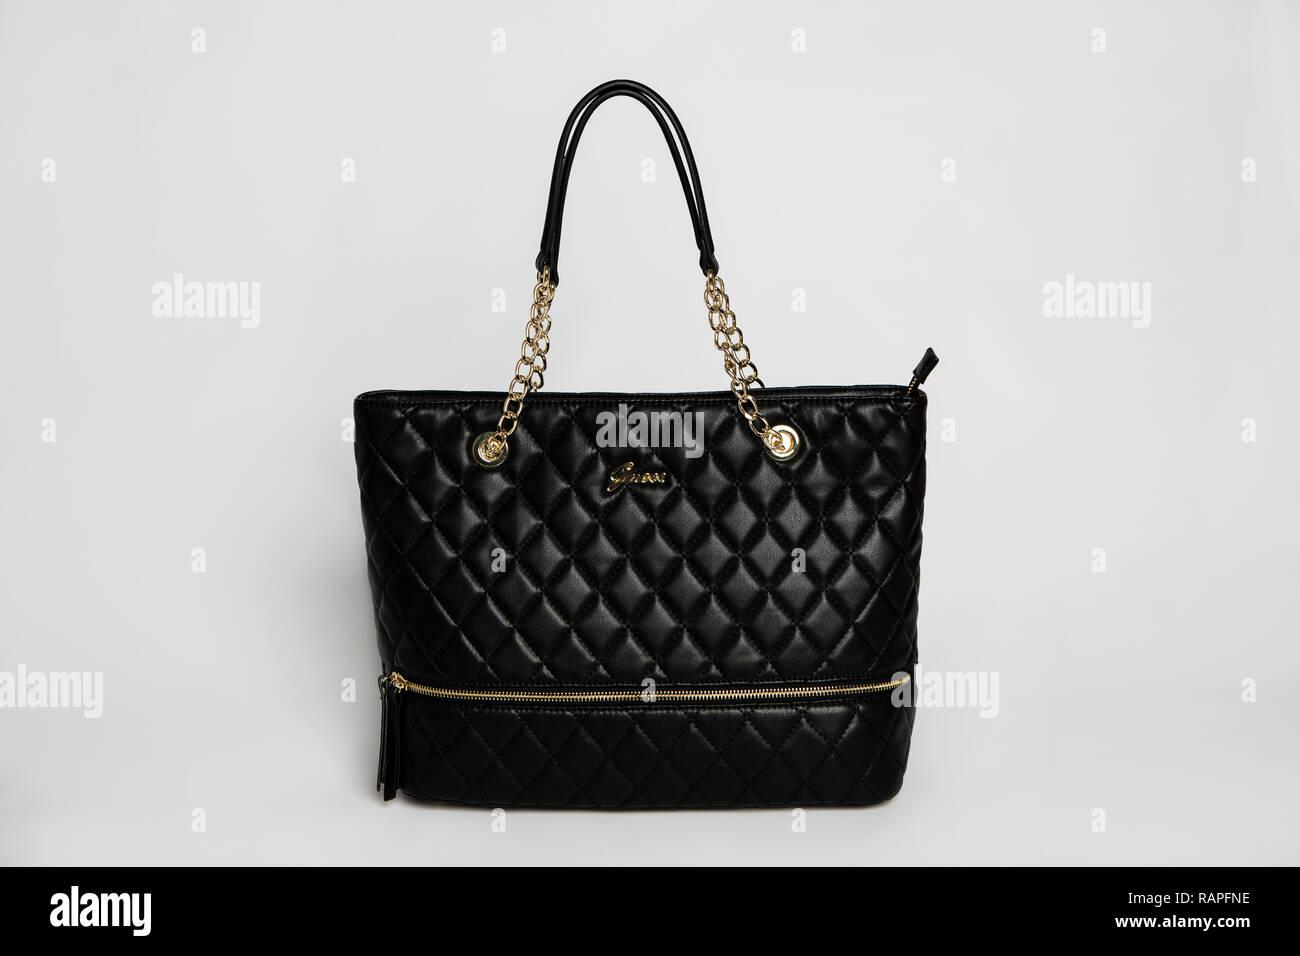 69c08023dd442 Guess Handtasche